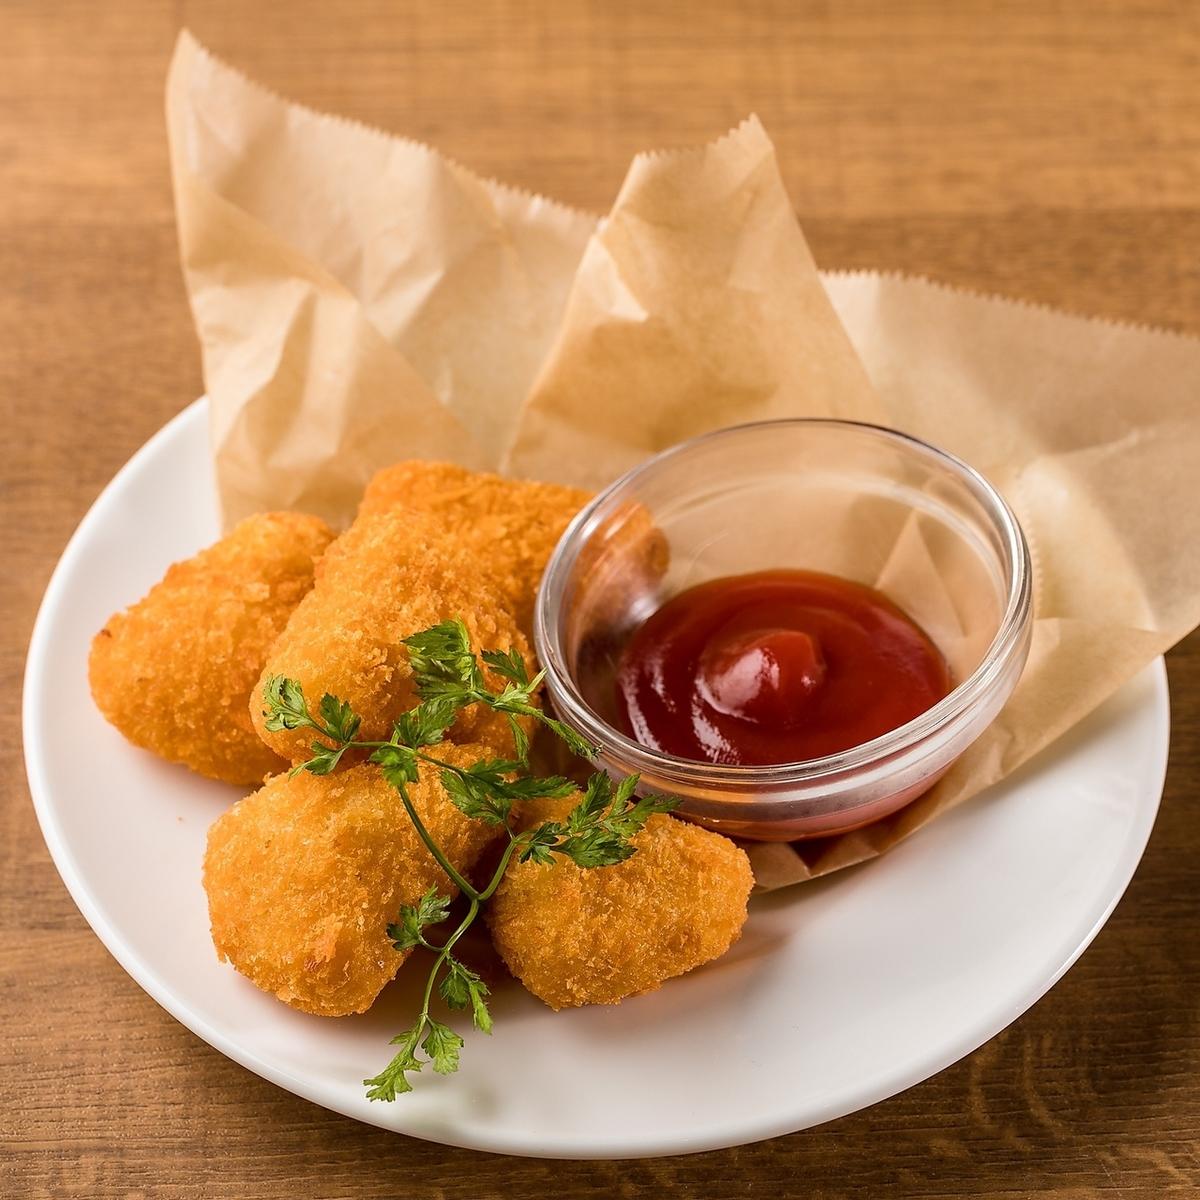 카망베르 치즈 튀김